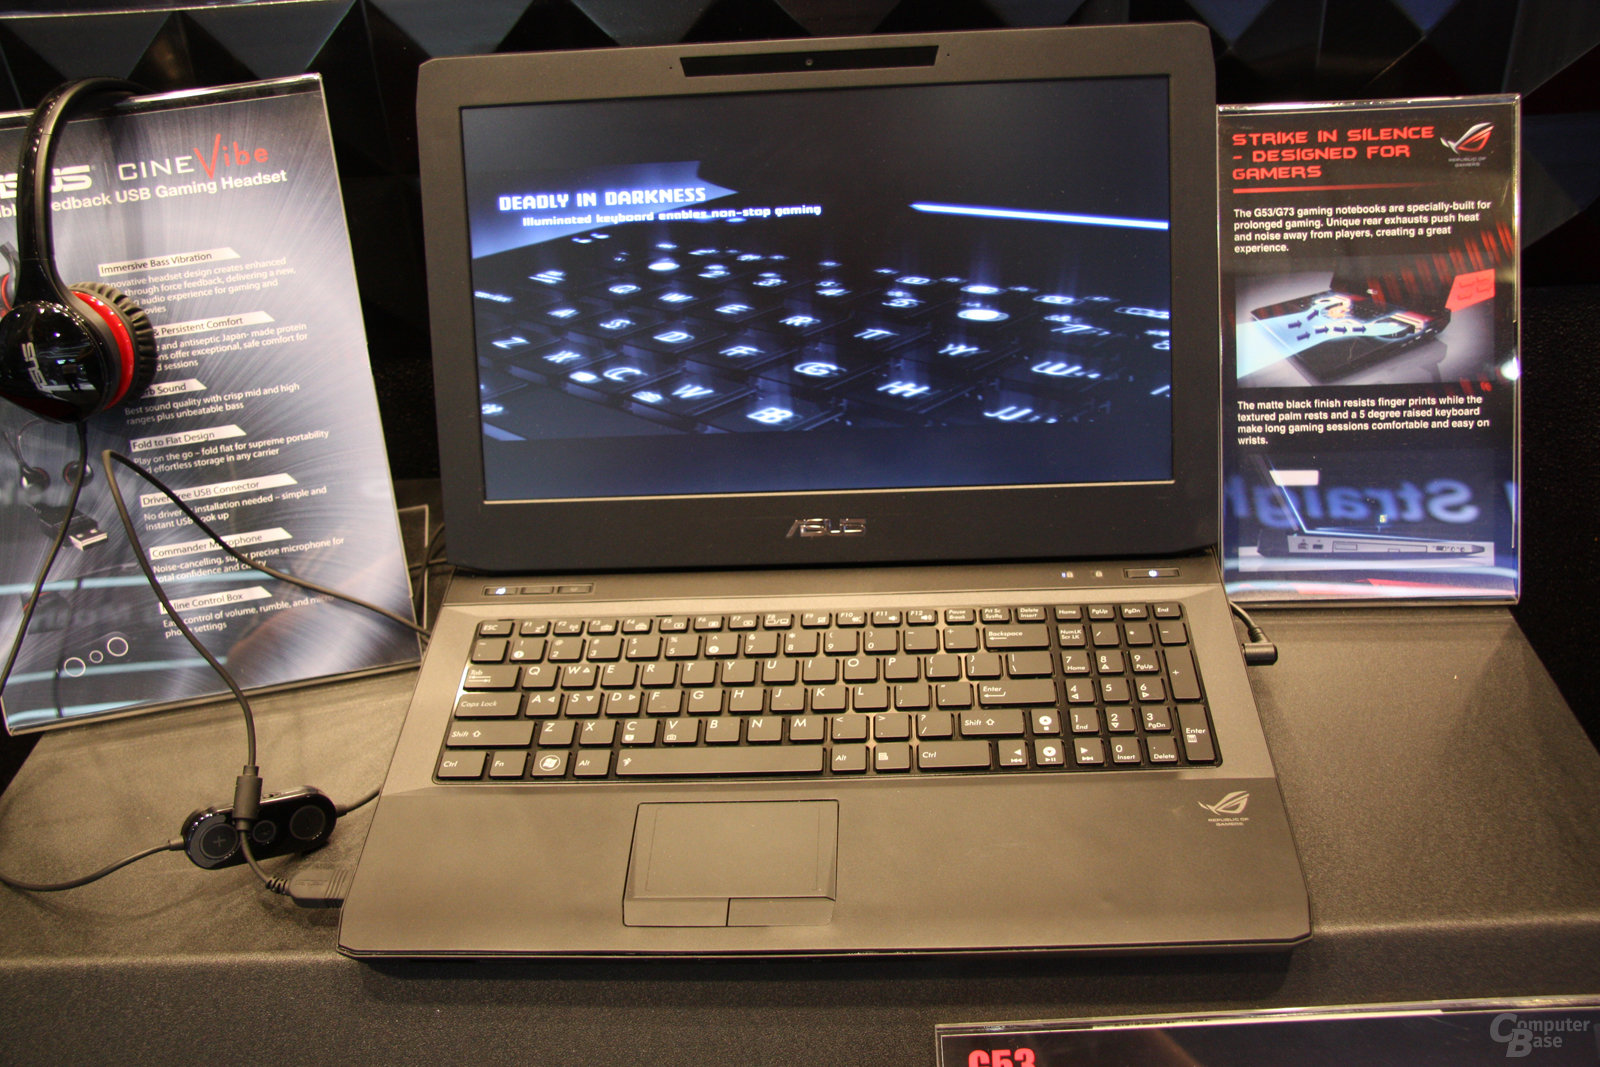 GeForce GTX 480M